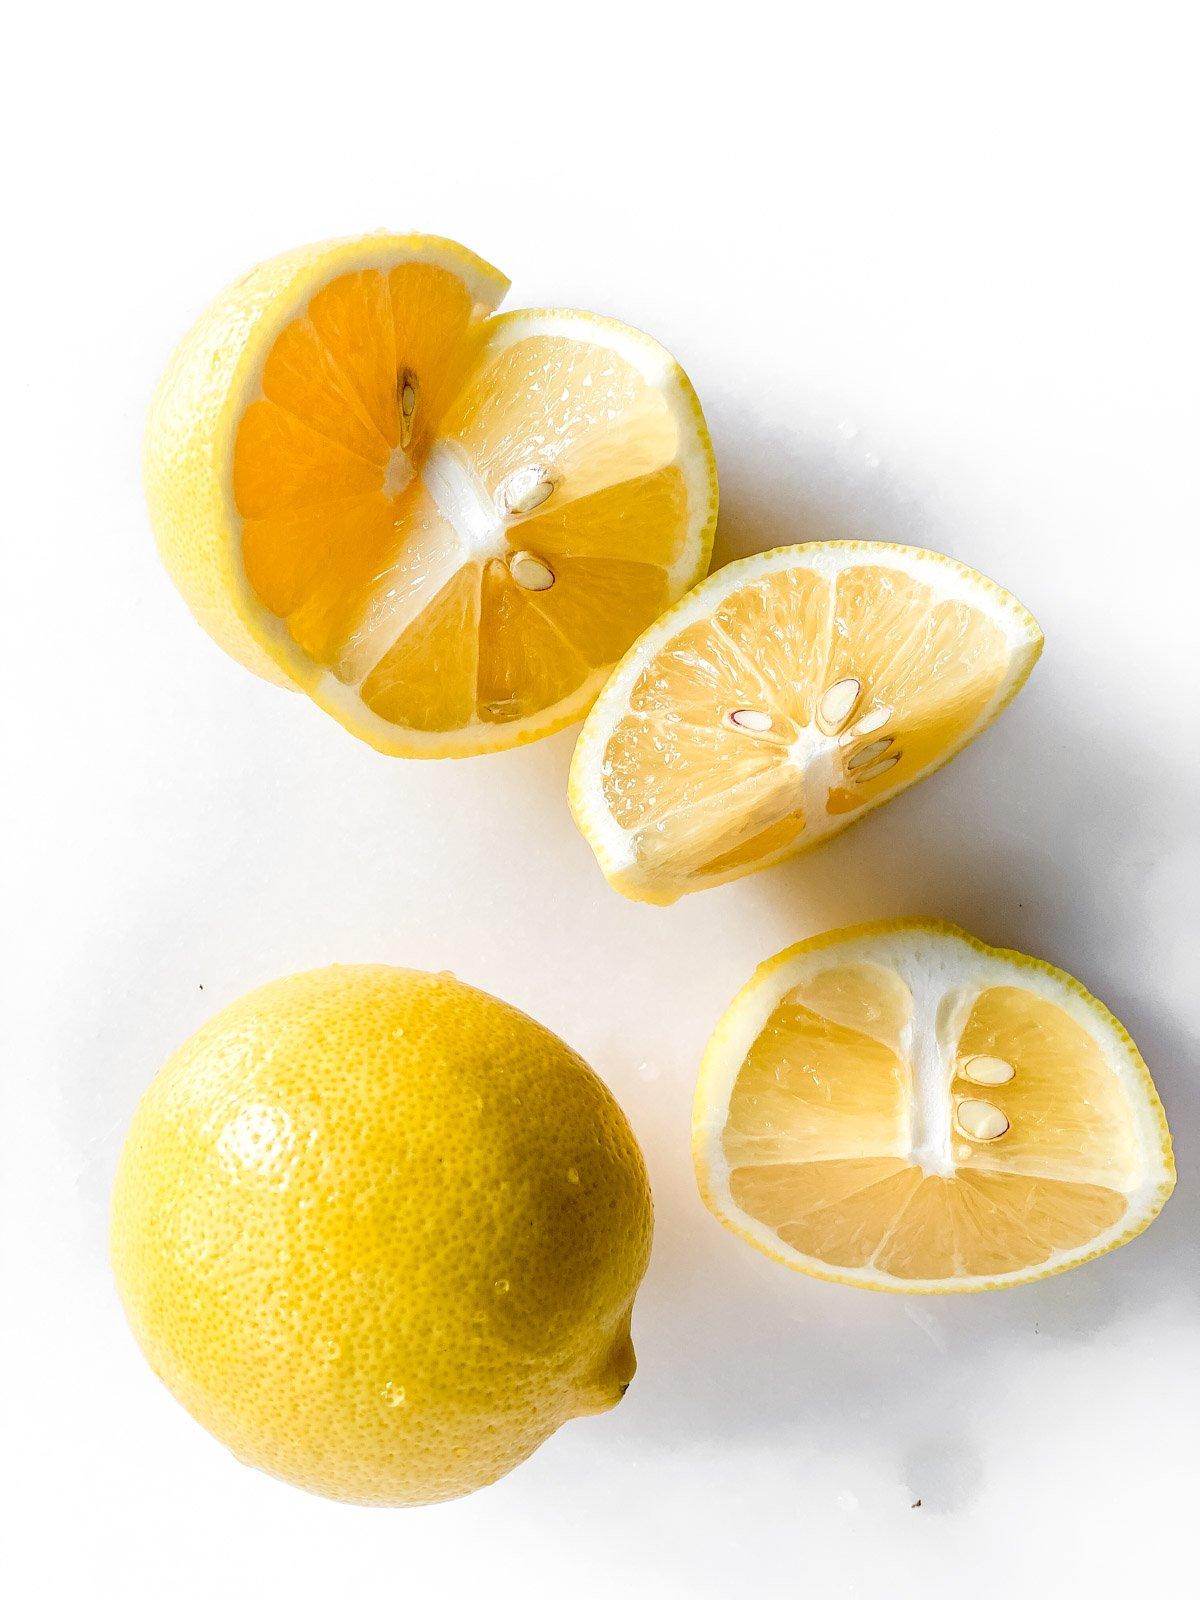 fresh lemons for creamy lemonade